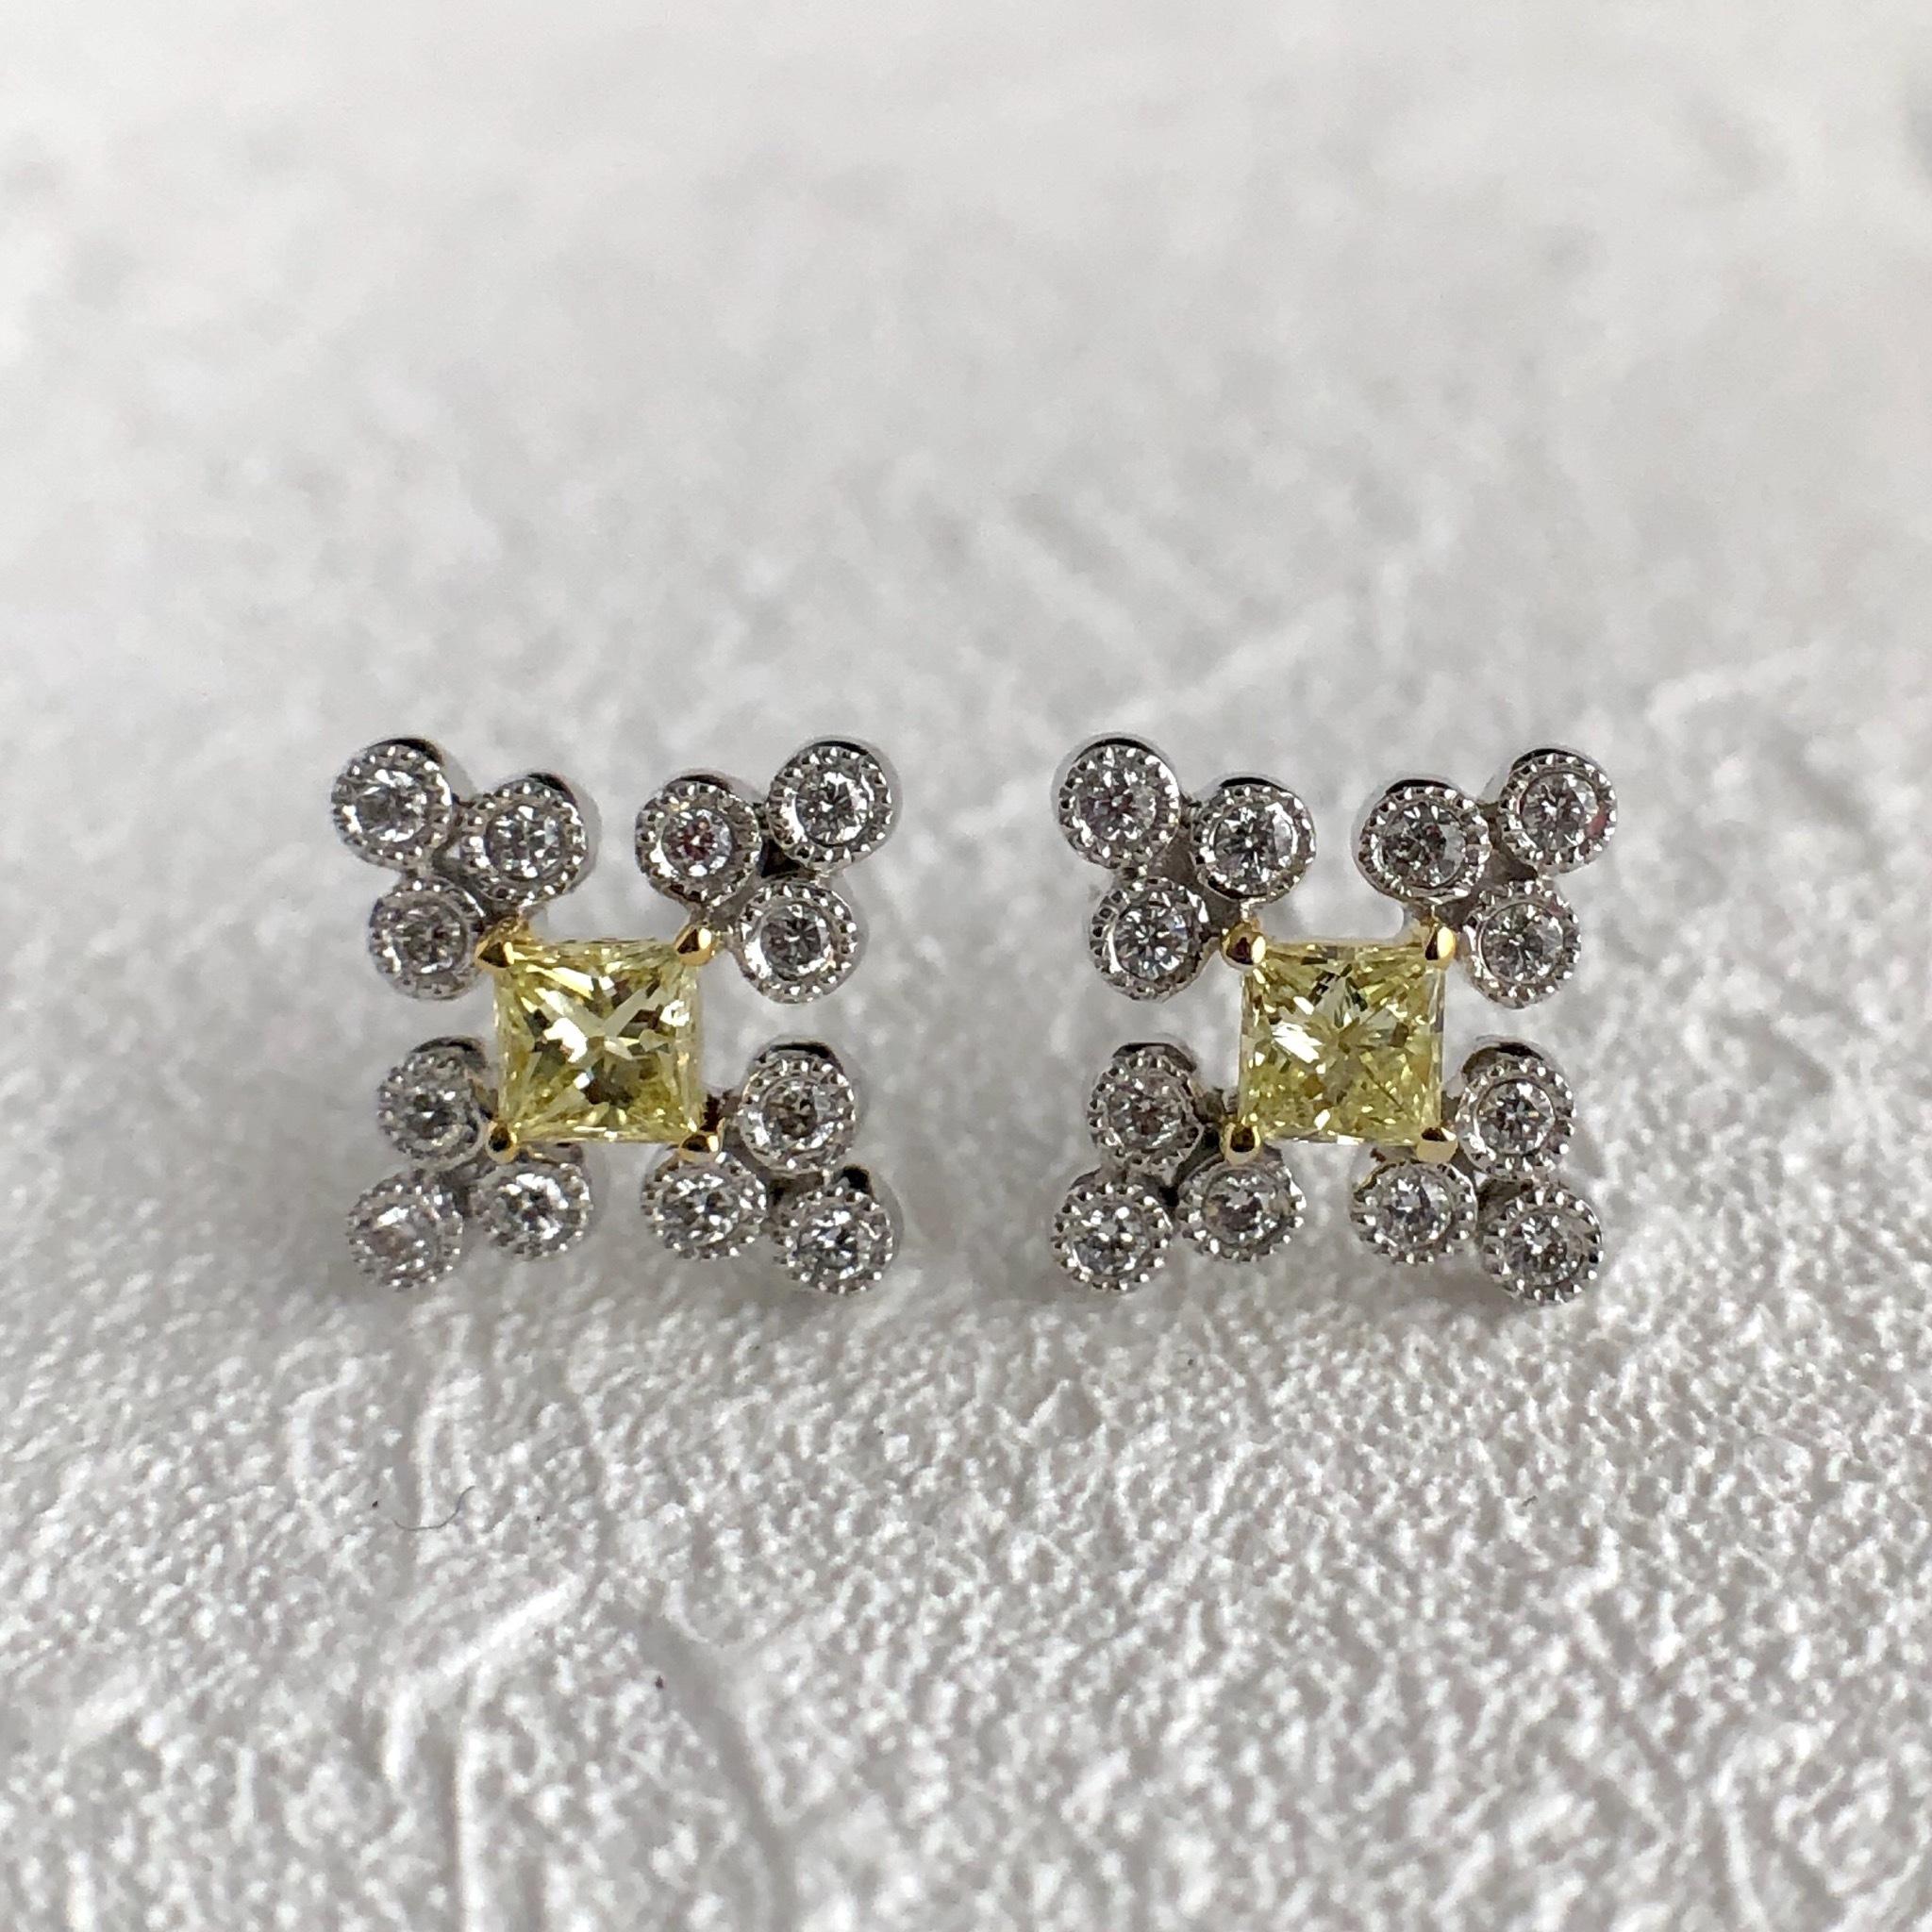 イエローダイヤモンド  デザイン ピアス  K18ホワイトゴールド チェカ